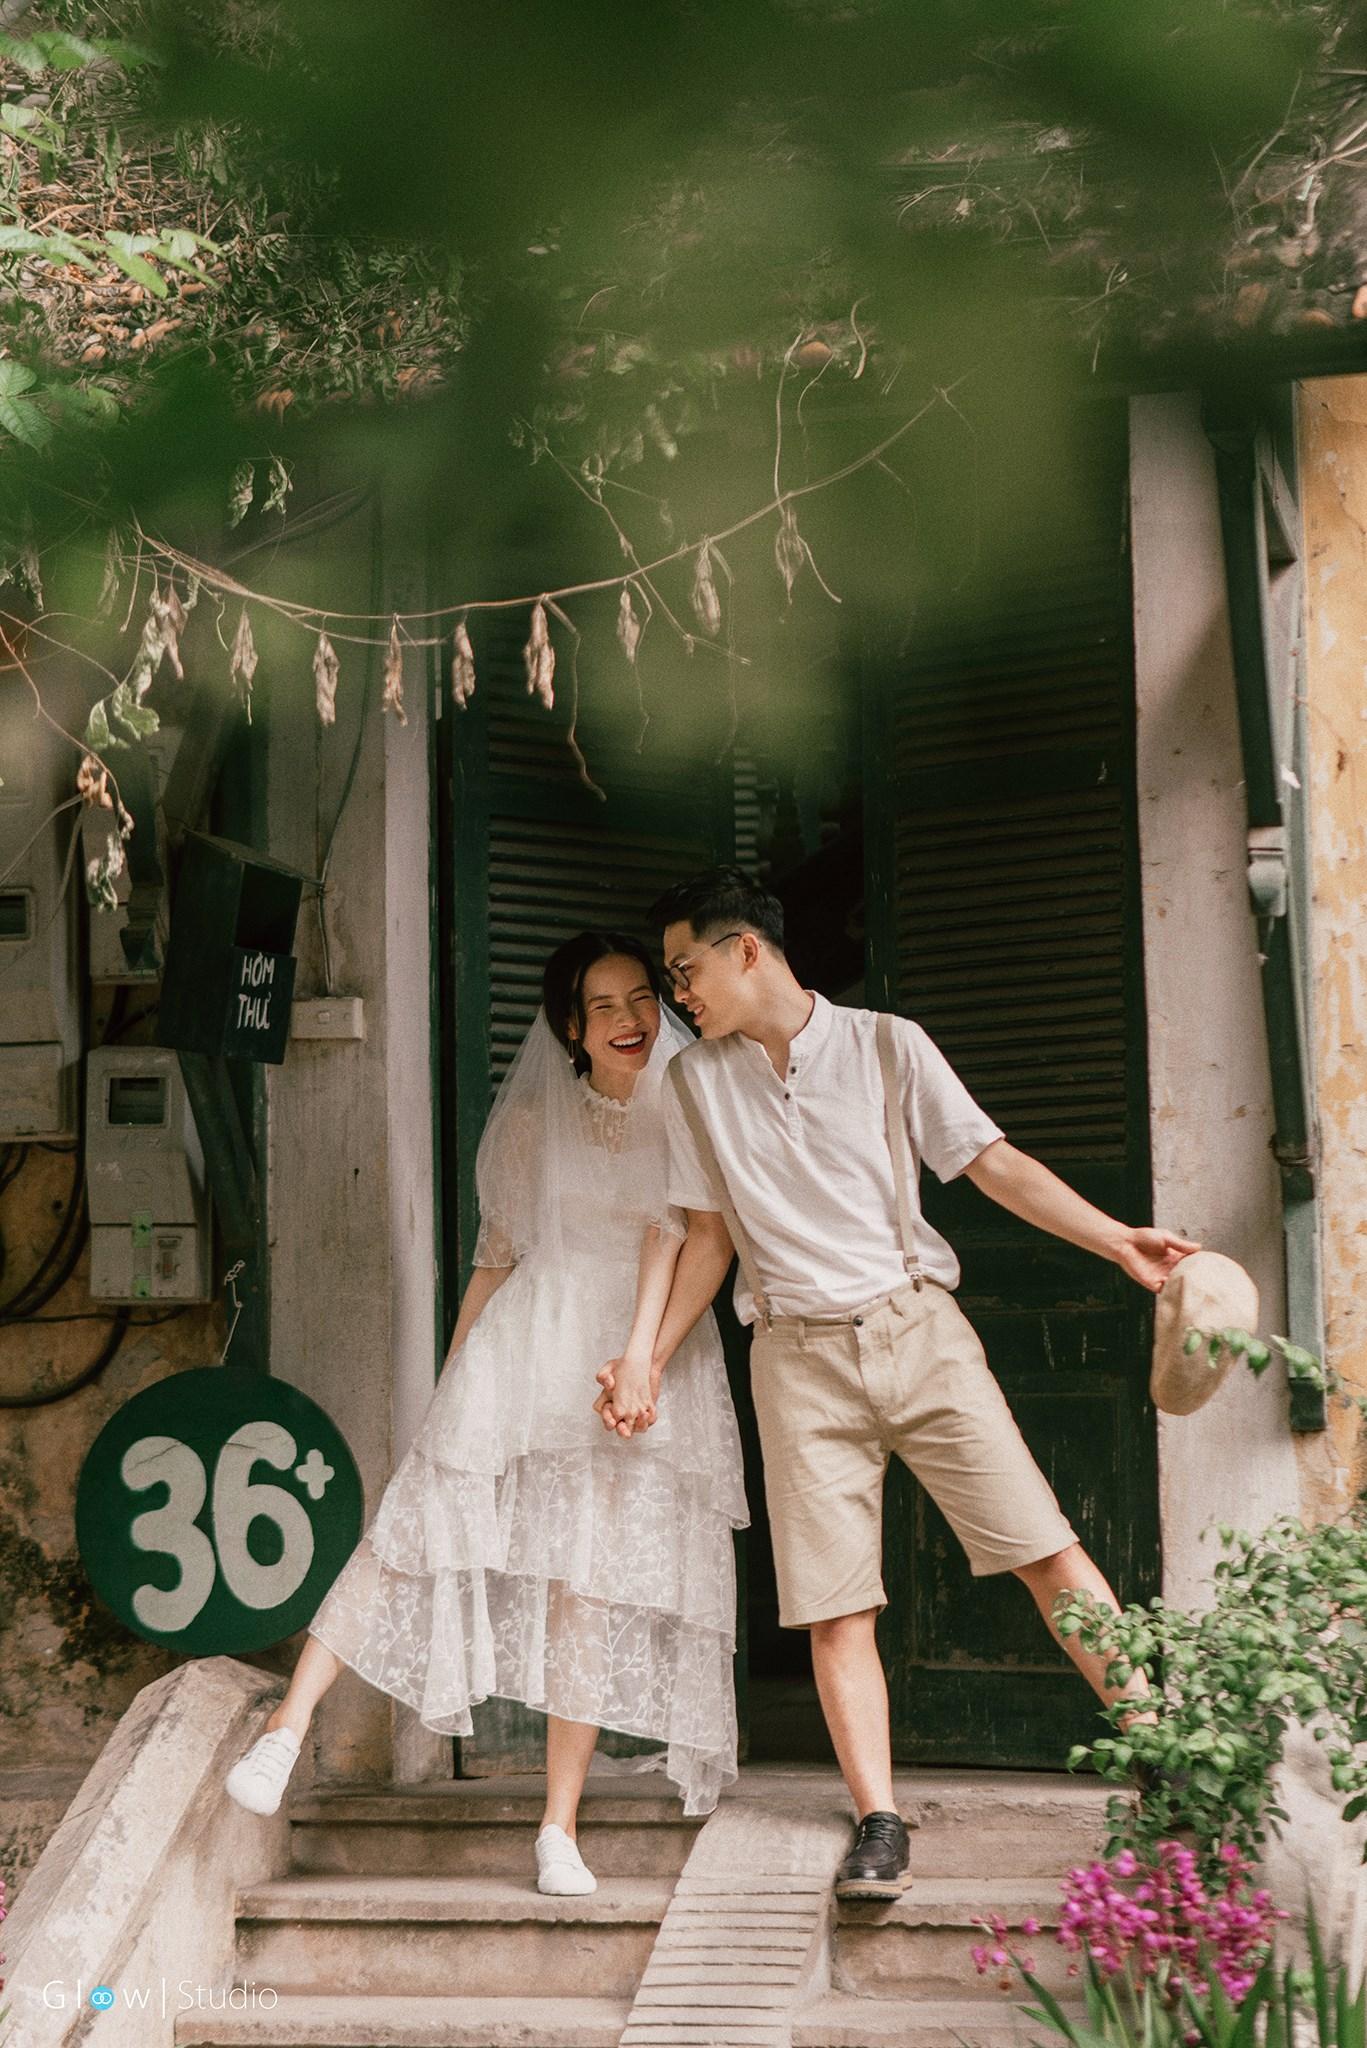 Ảnh cưới tự nhiên - Nơi cảm xúc thật được thăng hoa - Ảnh 5.